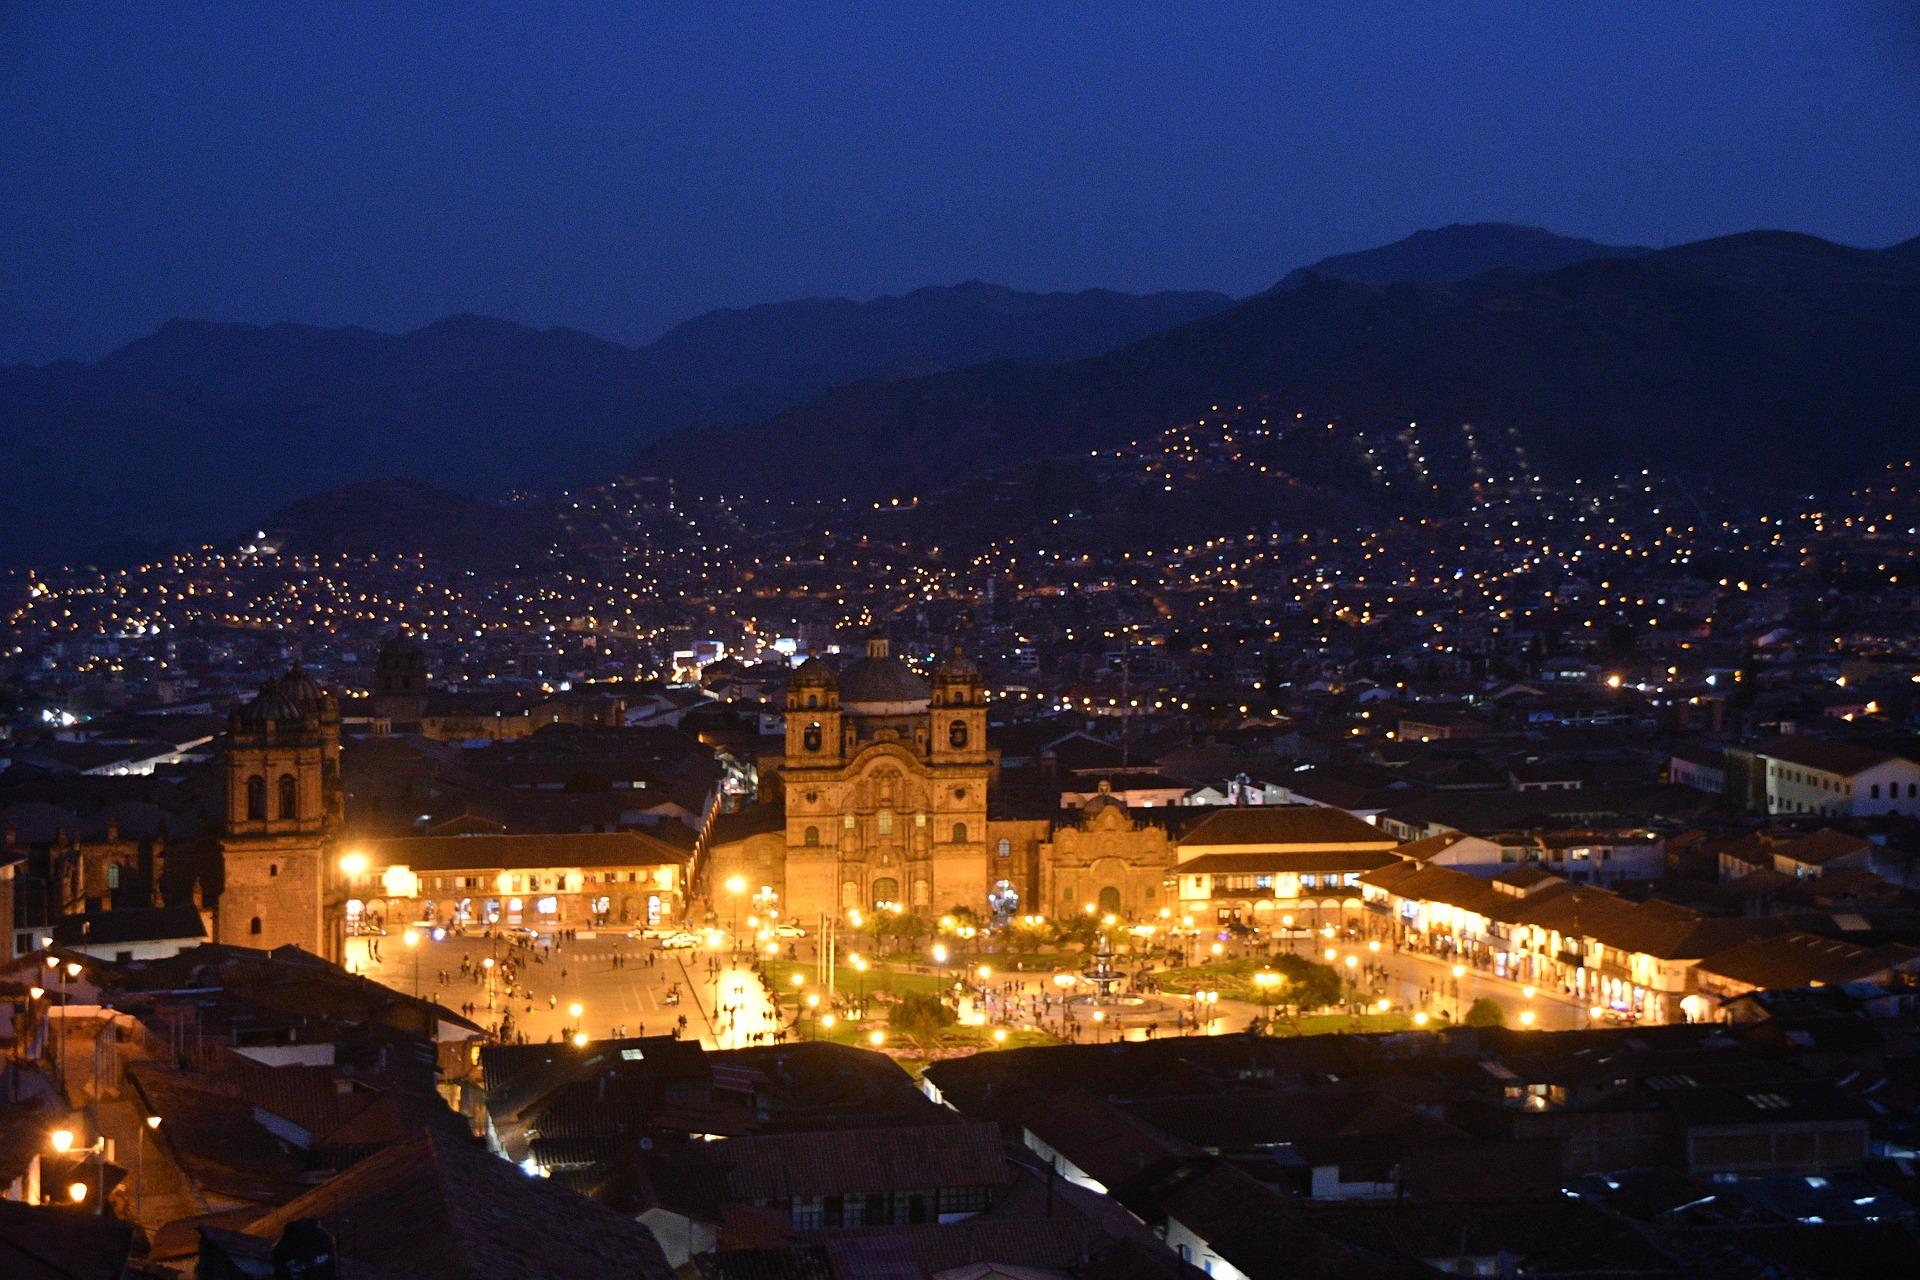 ペルー, クスコ, アルマス, 広場, Plaza, Armas, Cusco